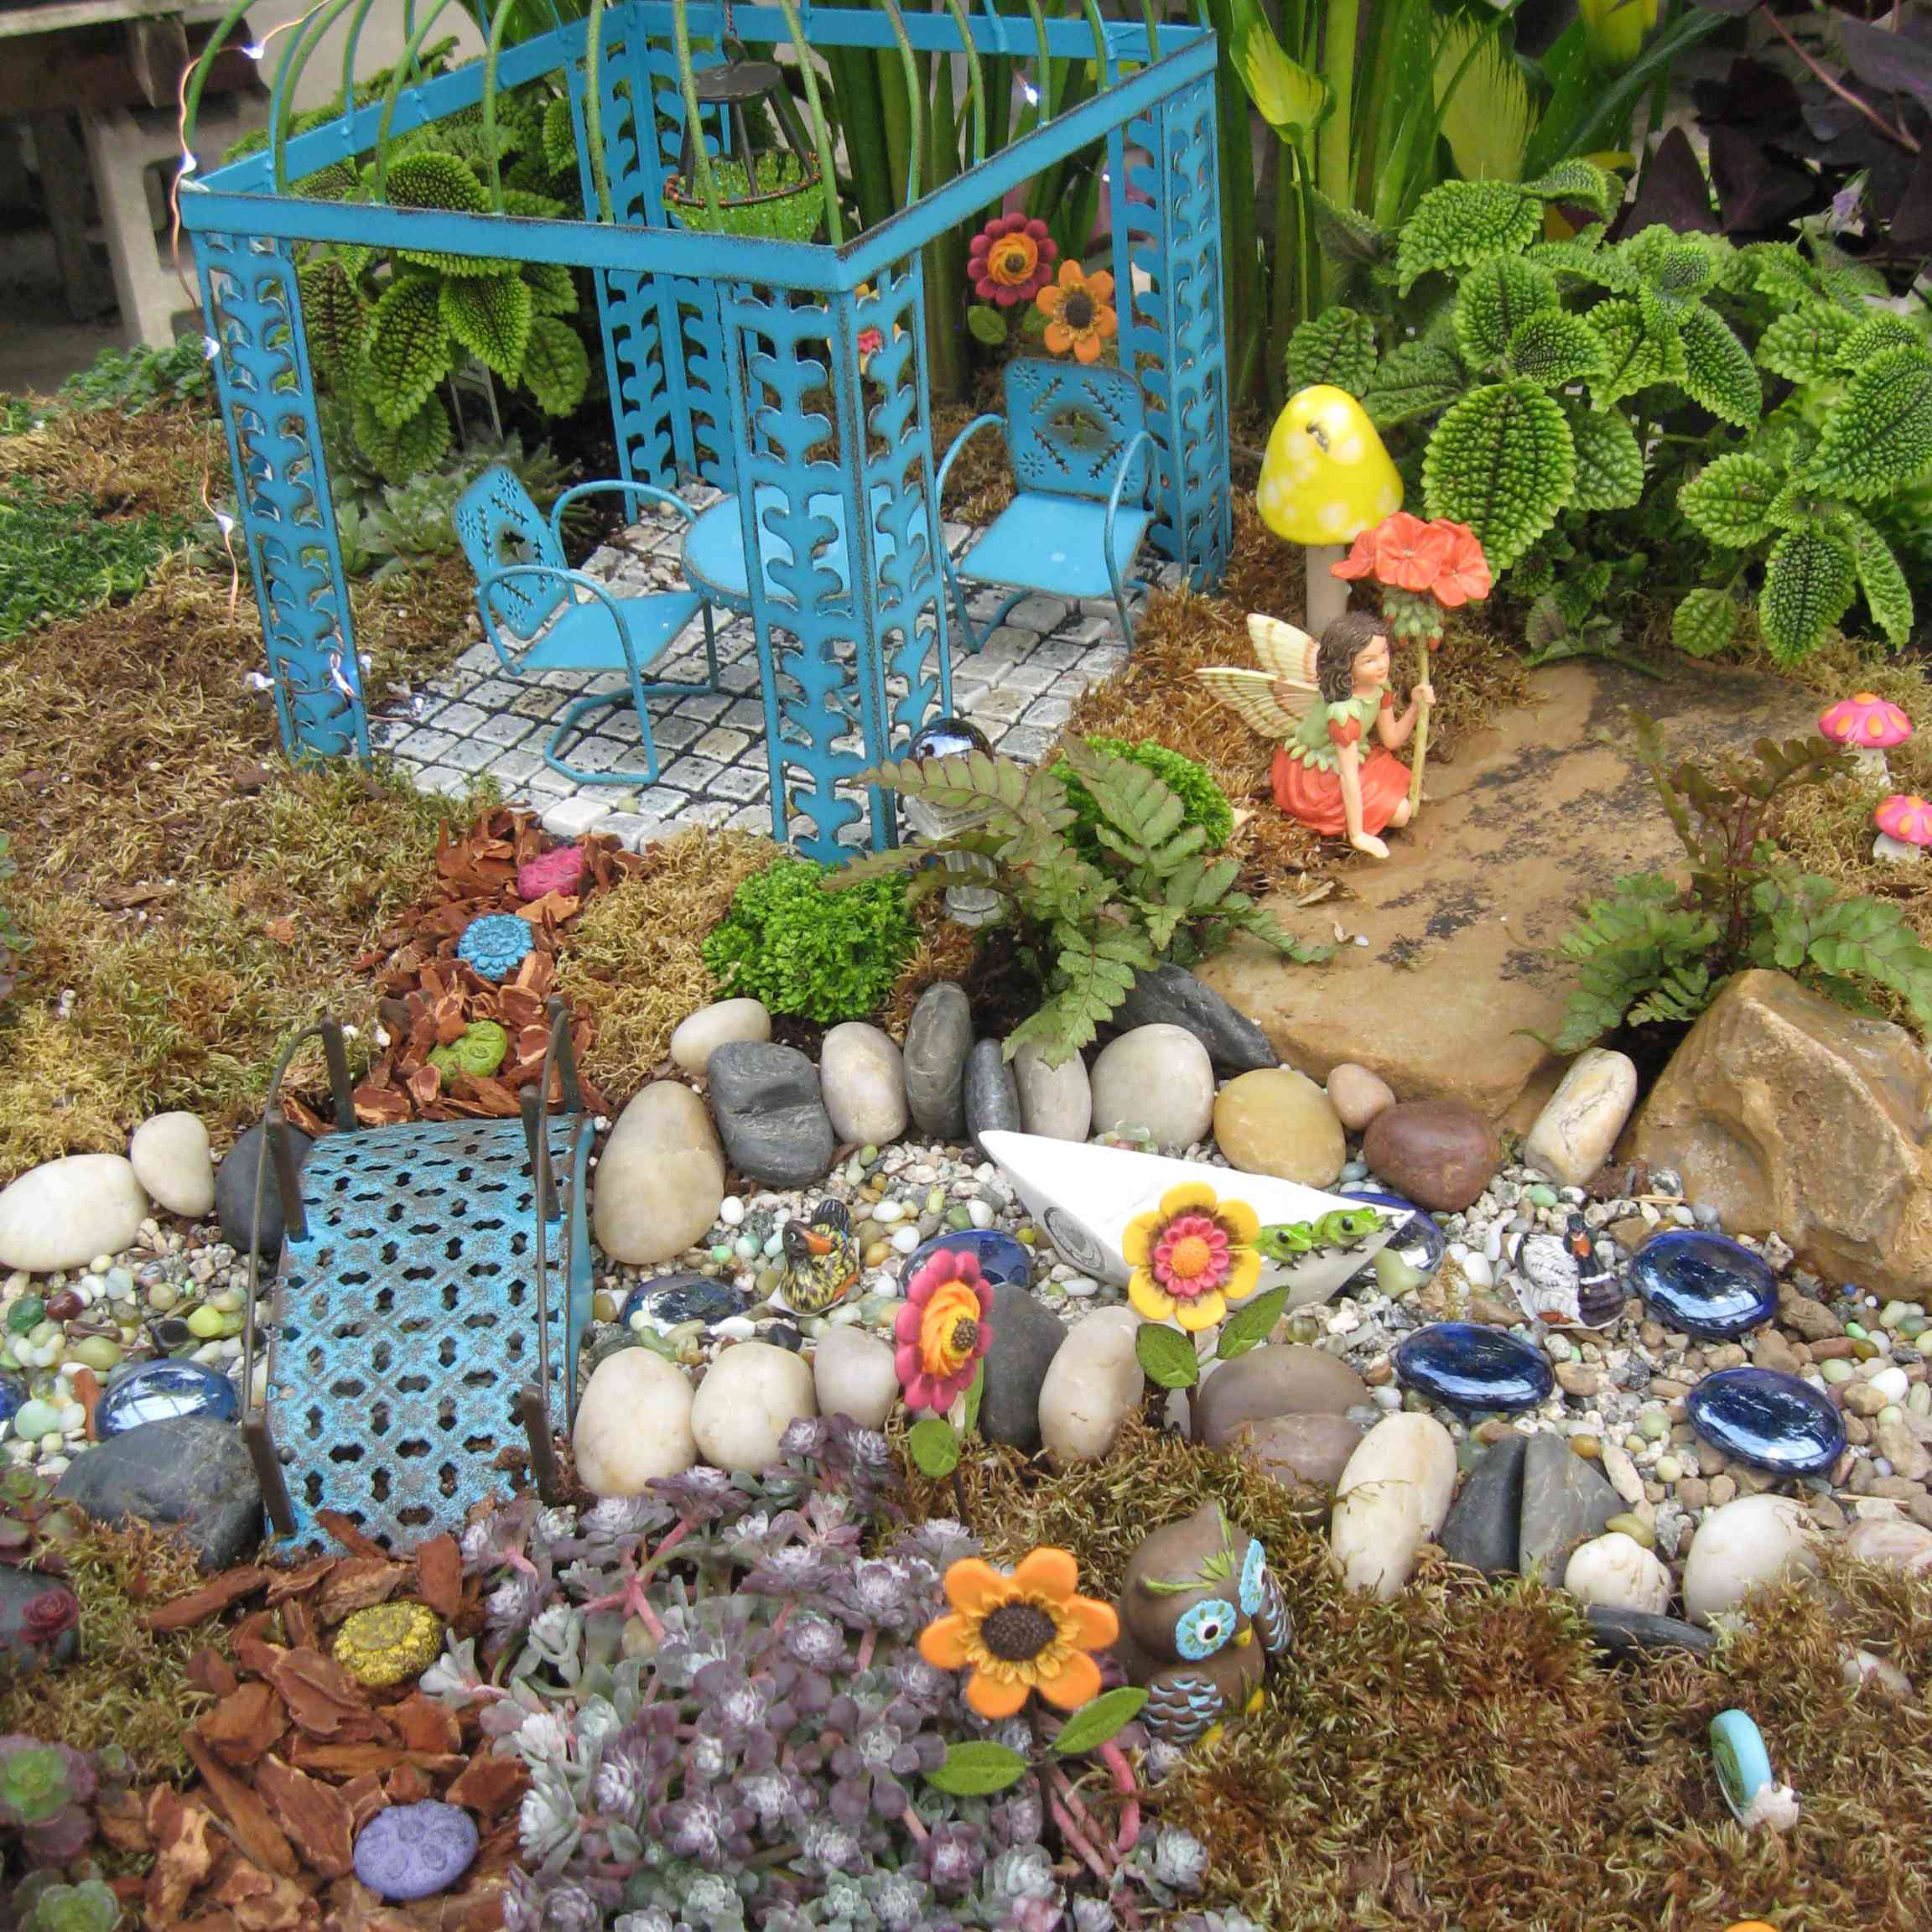 Miniature furniture in a fairy garden.